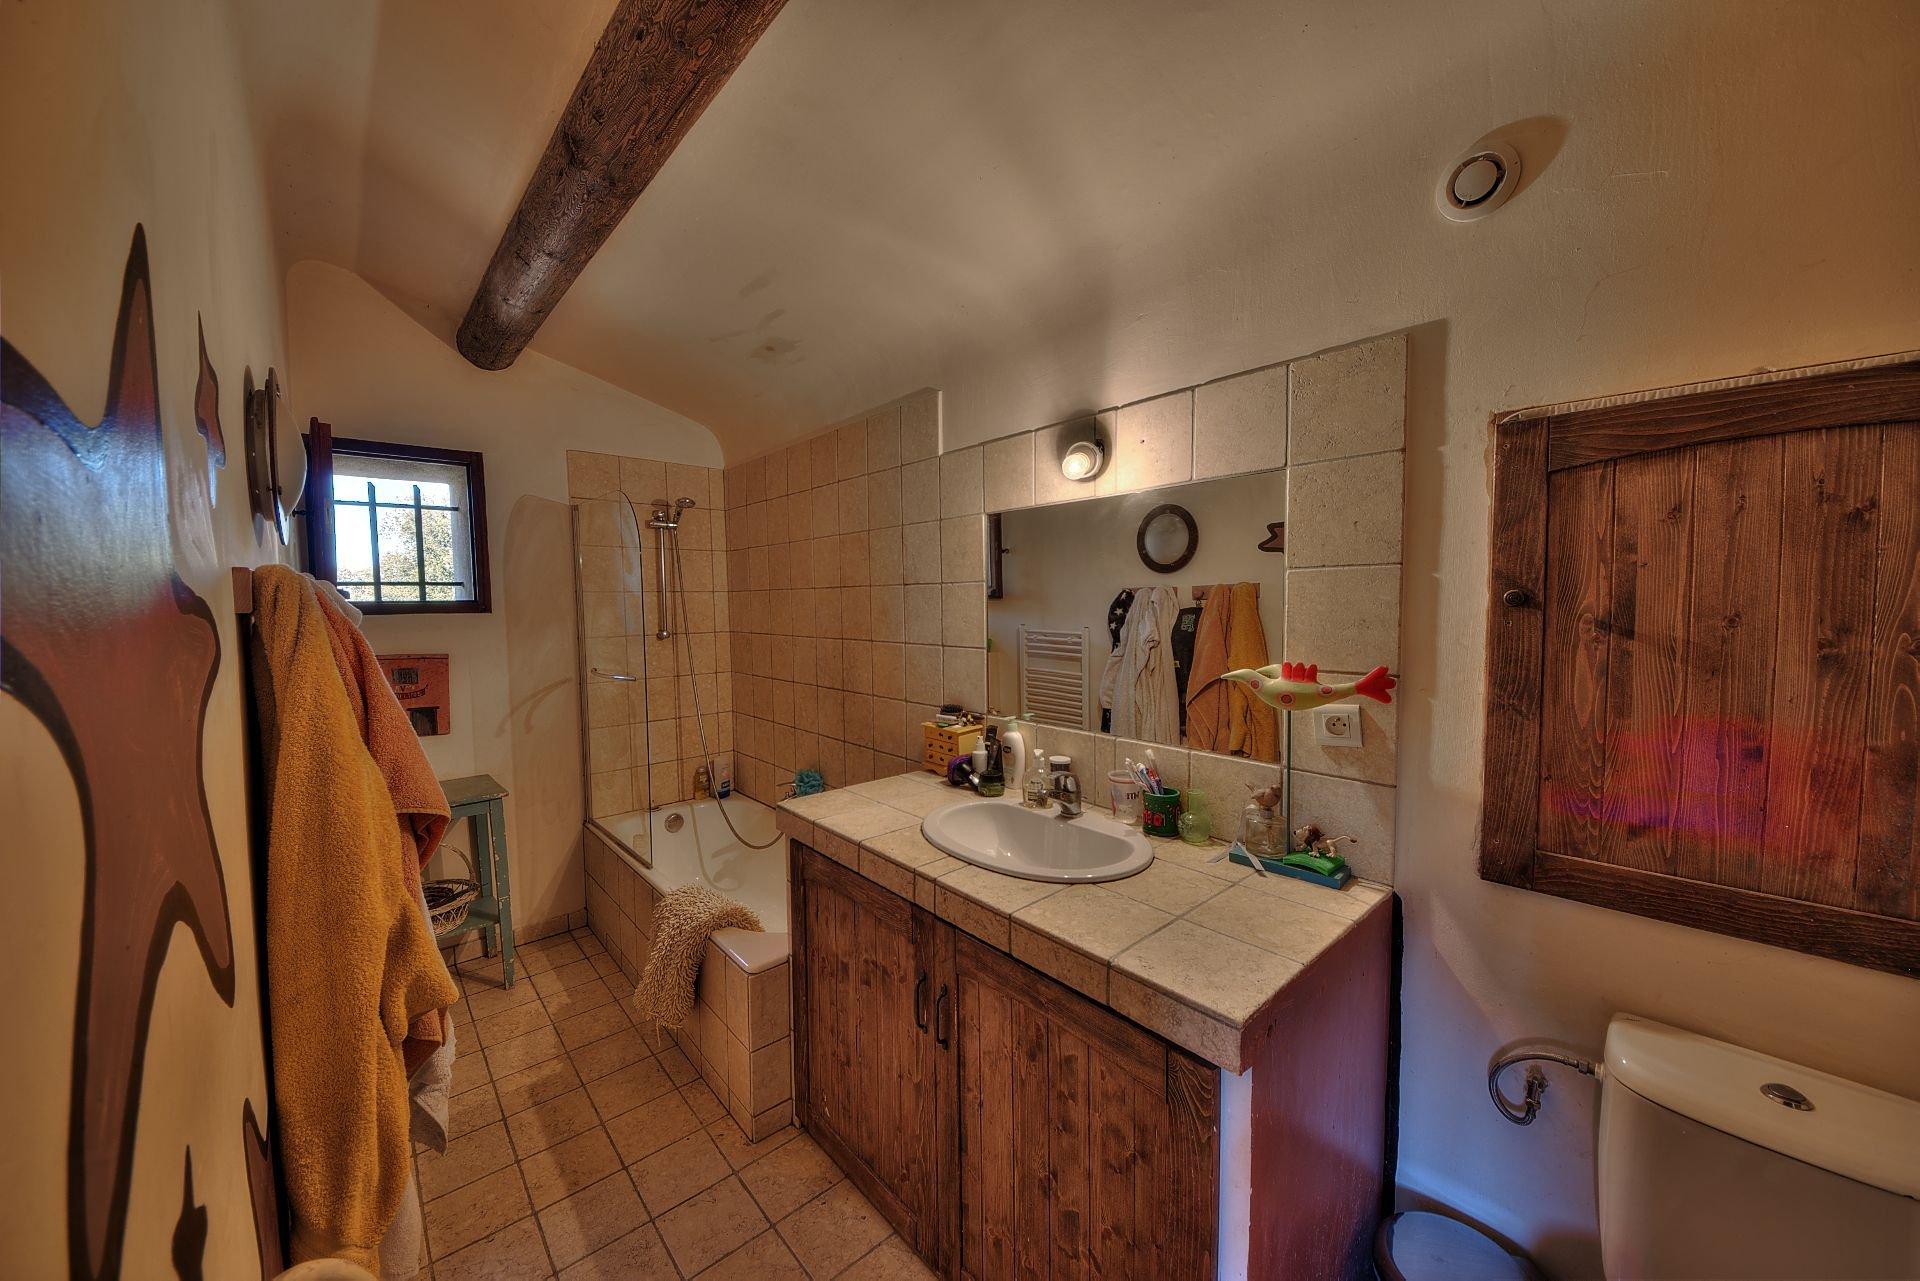 Salle de bains 2 de la propriété en  pierre de 35 ha haut Var Verdon